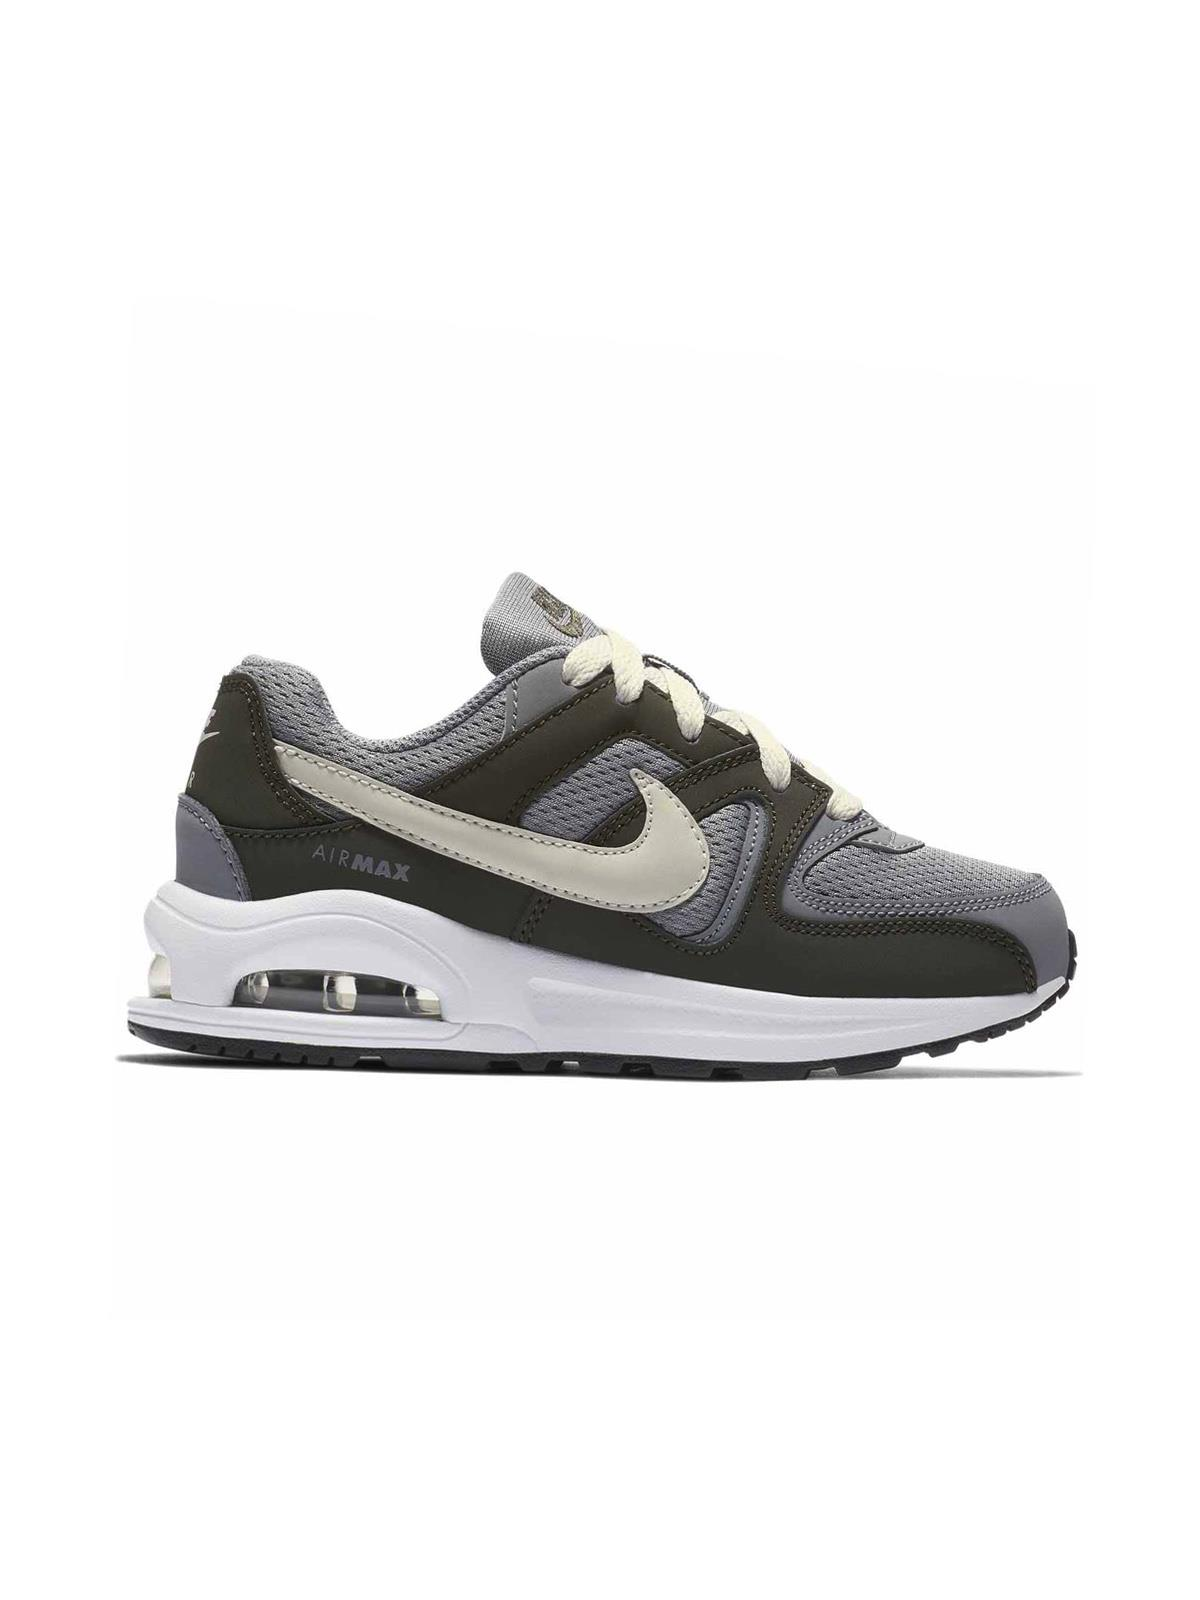 Nike Air Max Command PS Bambino 844347 006